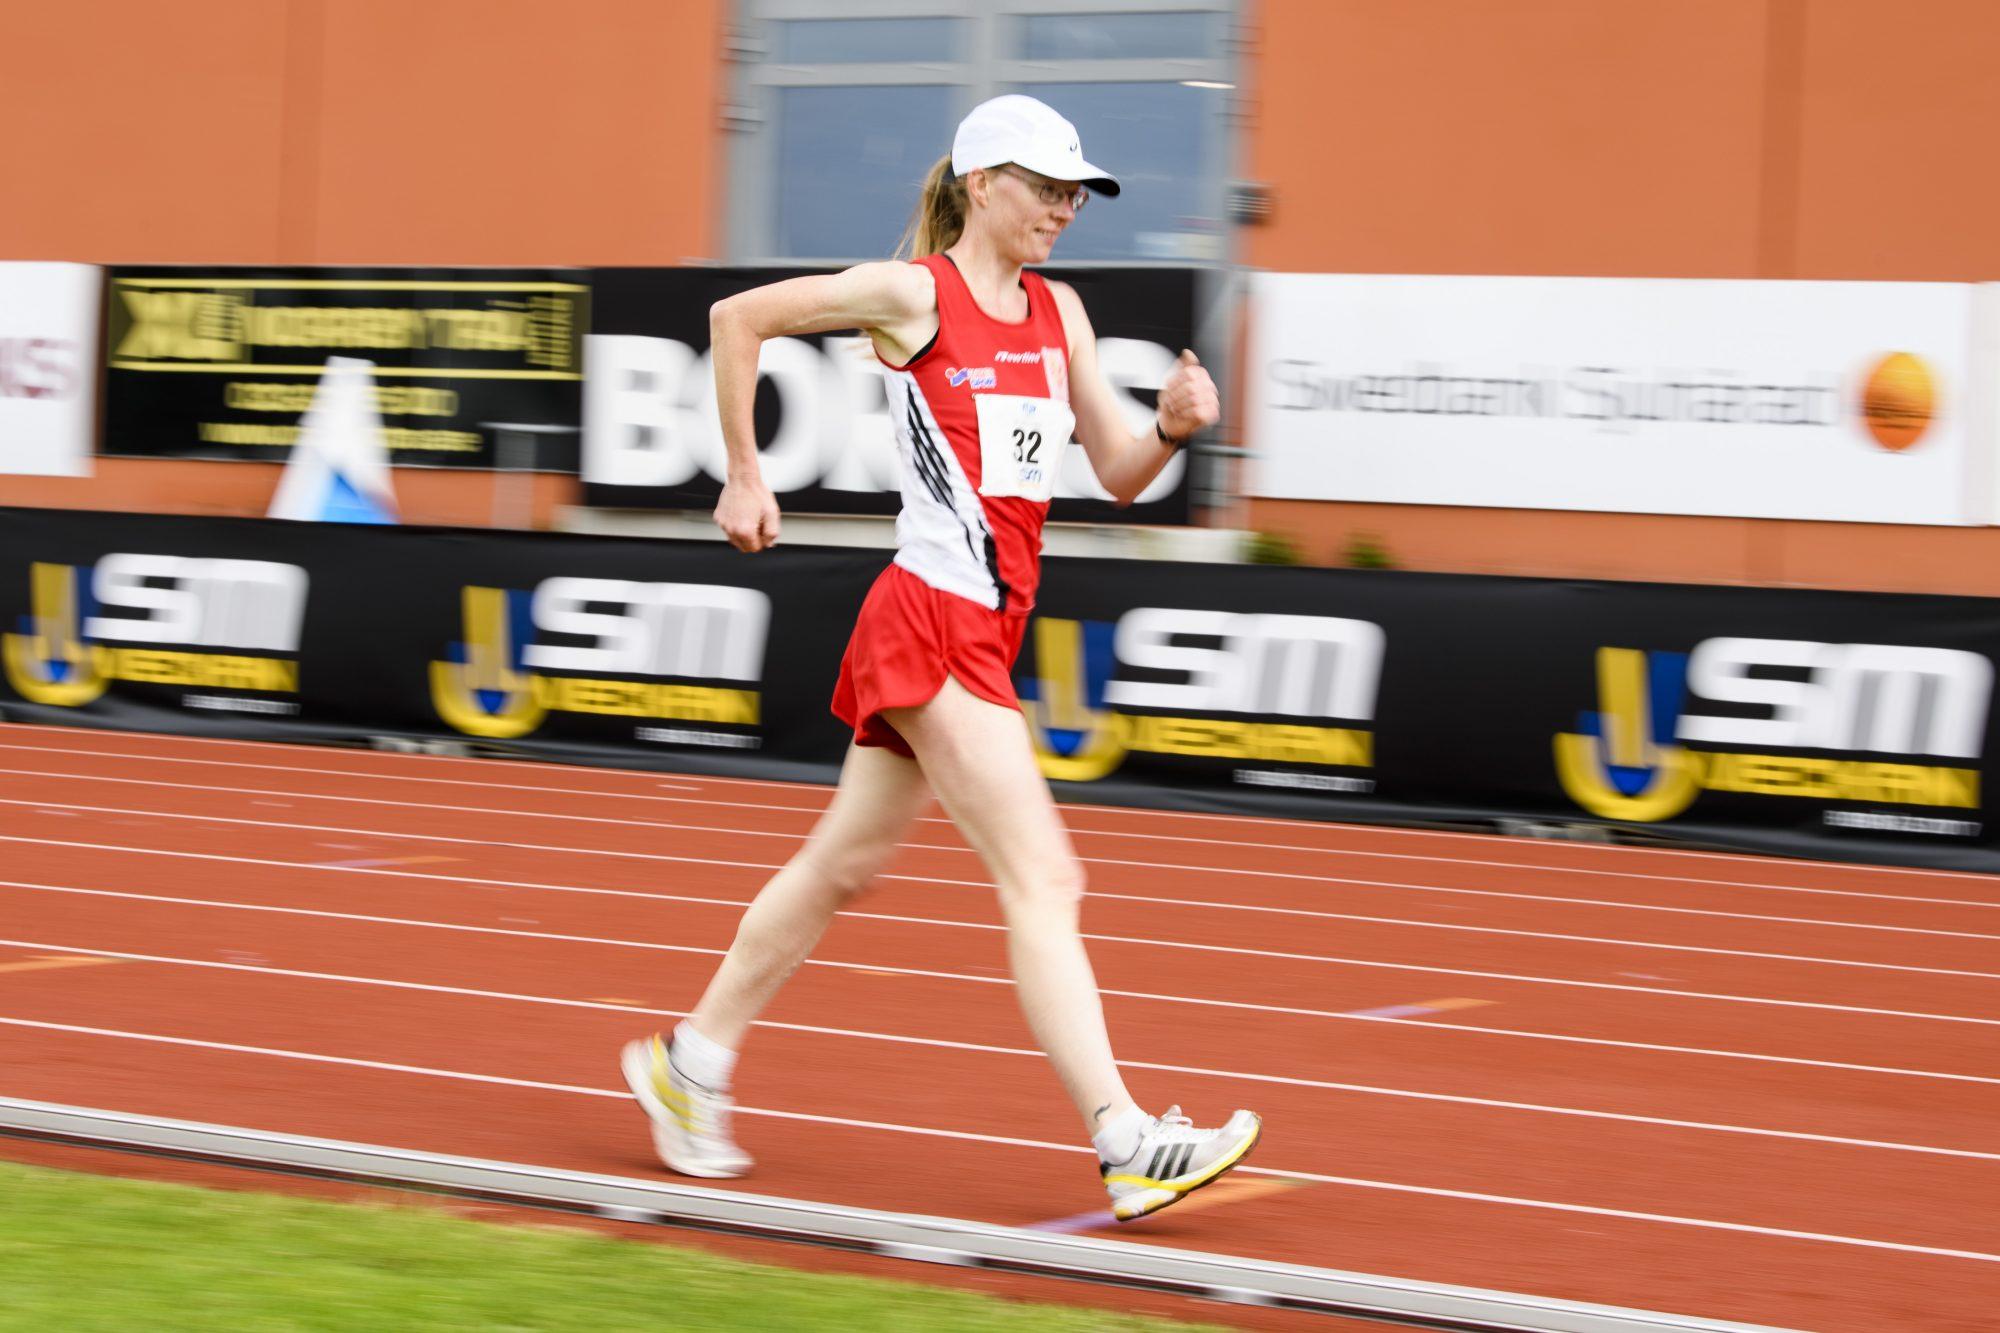 Monica Svensson Växjö AIS under gång tävlingen dag 8 av SM-veckan 2017 den 7 juli 2017 i Borås.